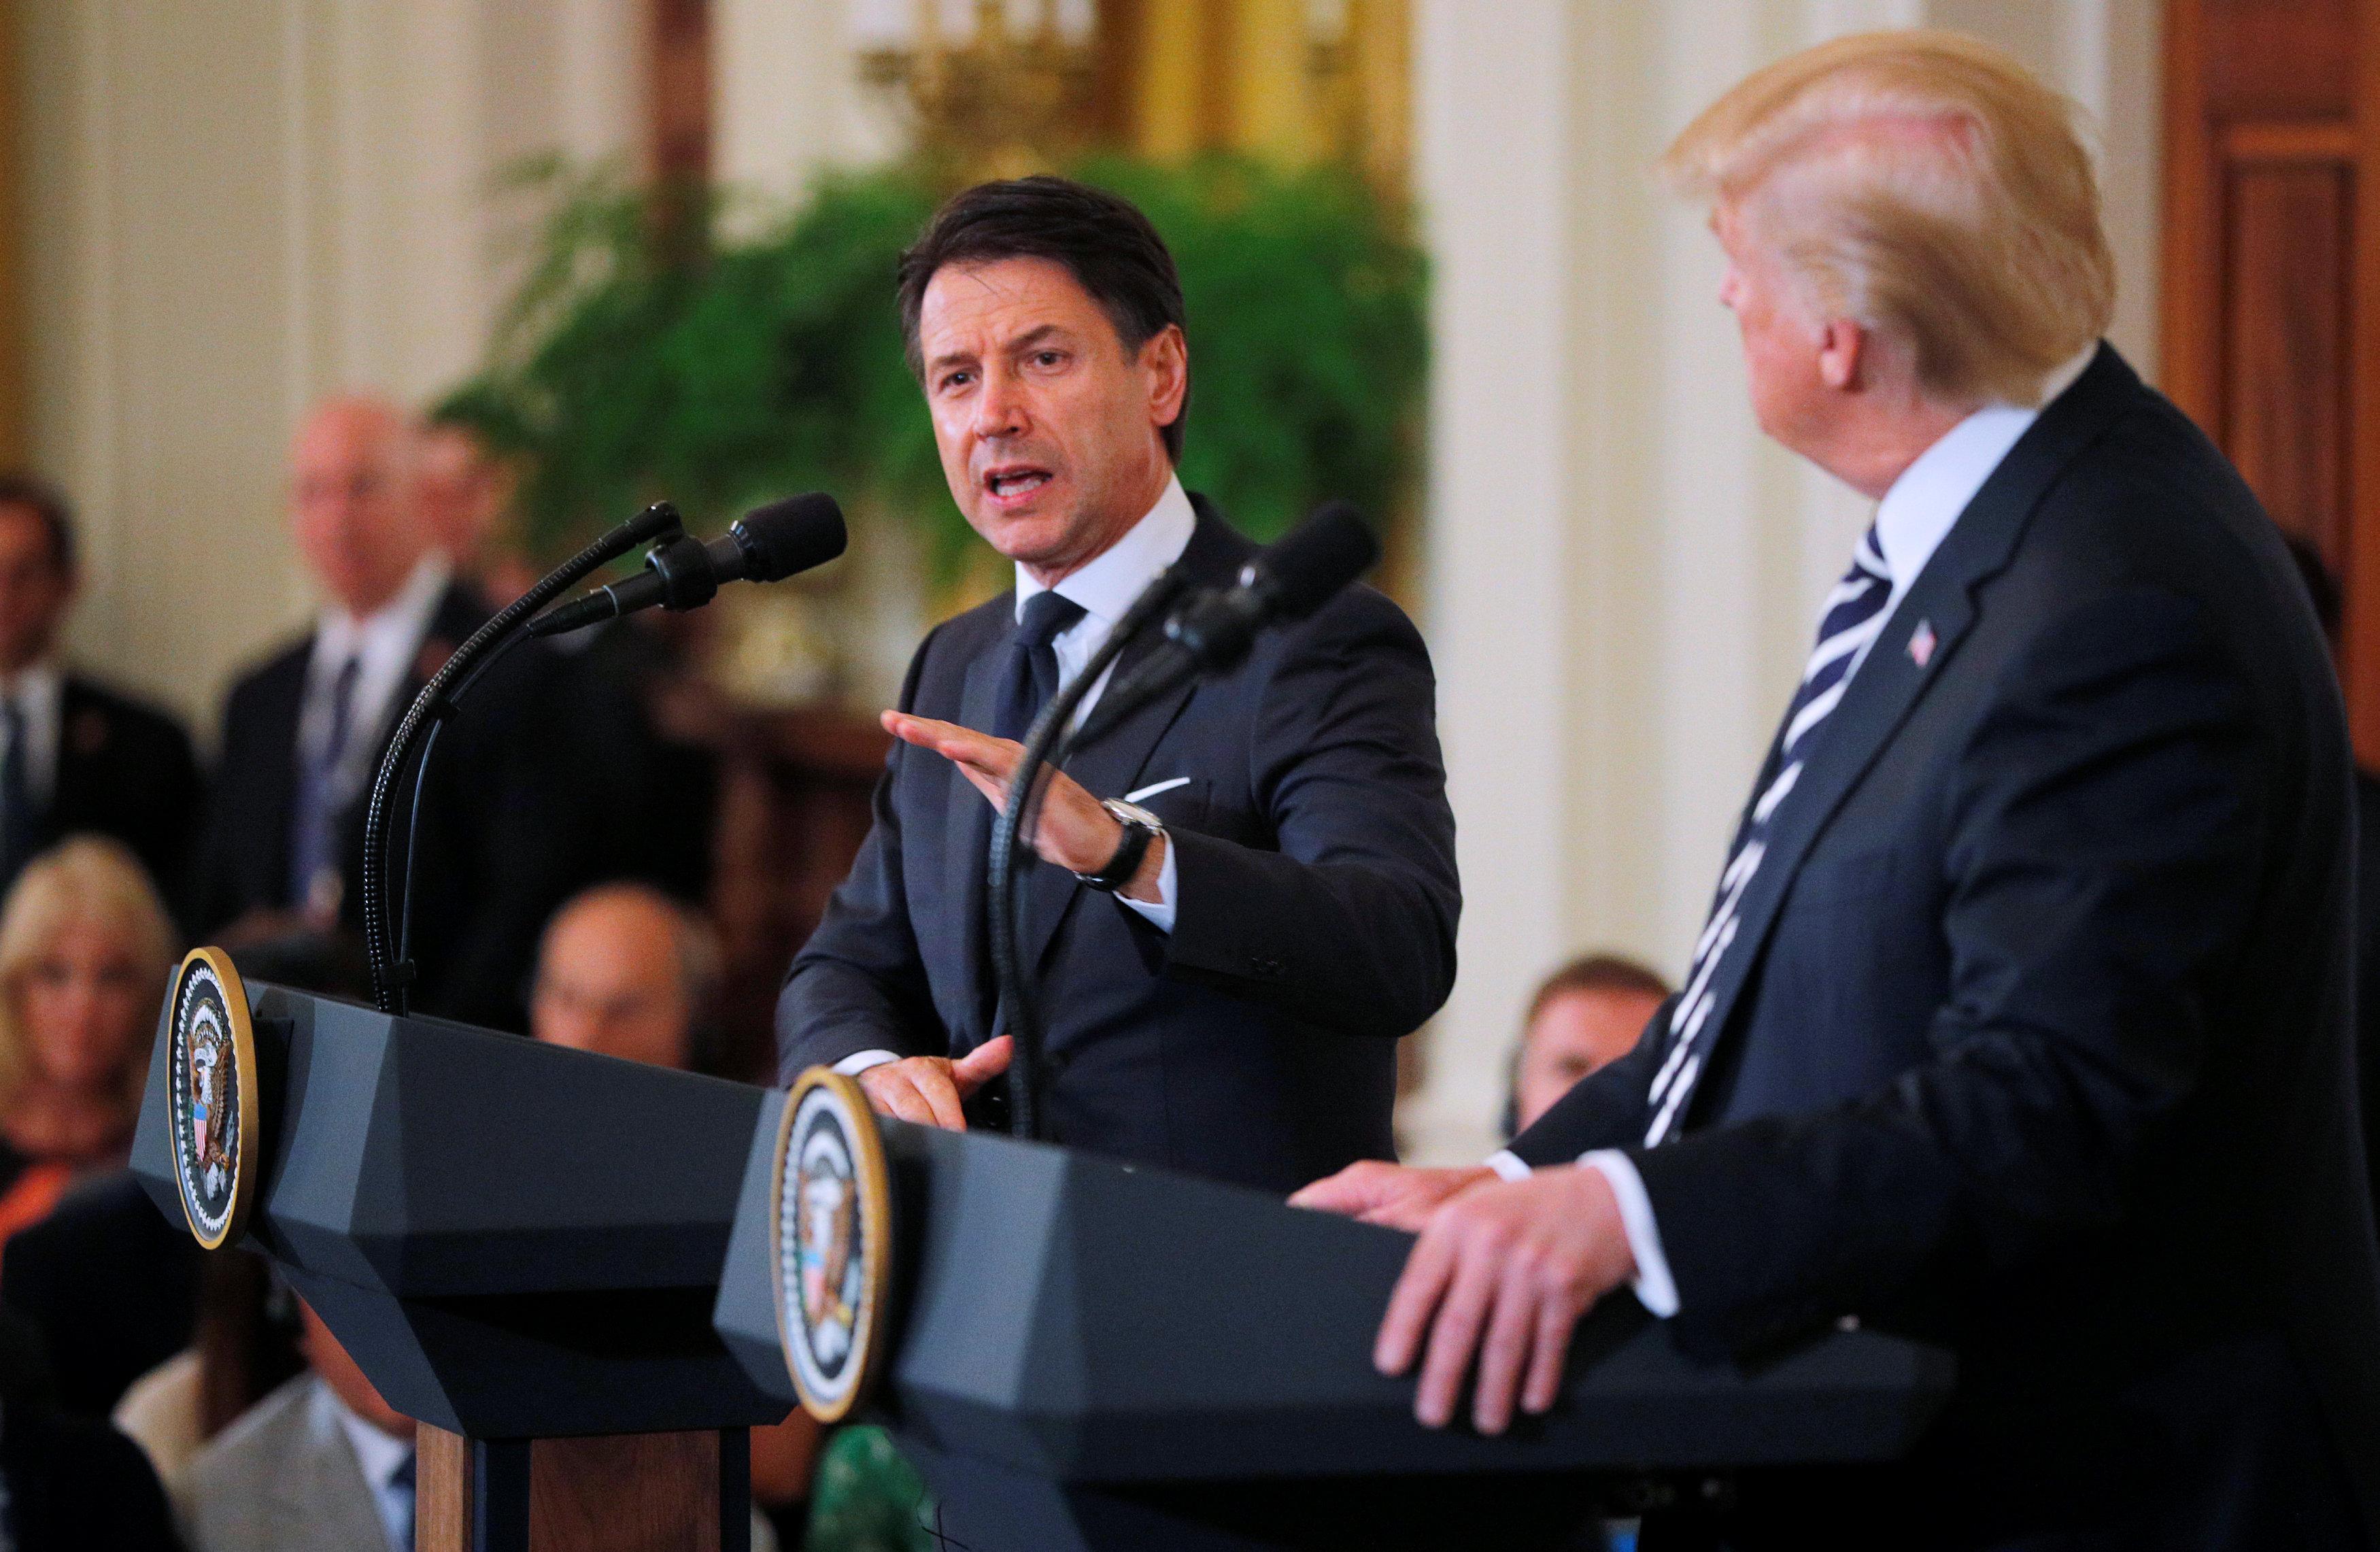 意大利的孔戴说,他正在组织一次关于稳定利比亚的会议